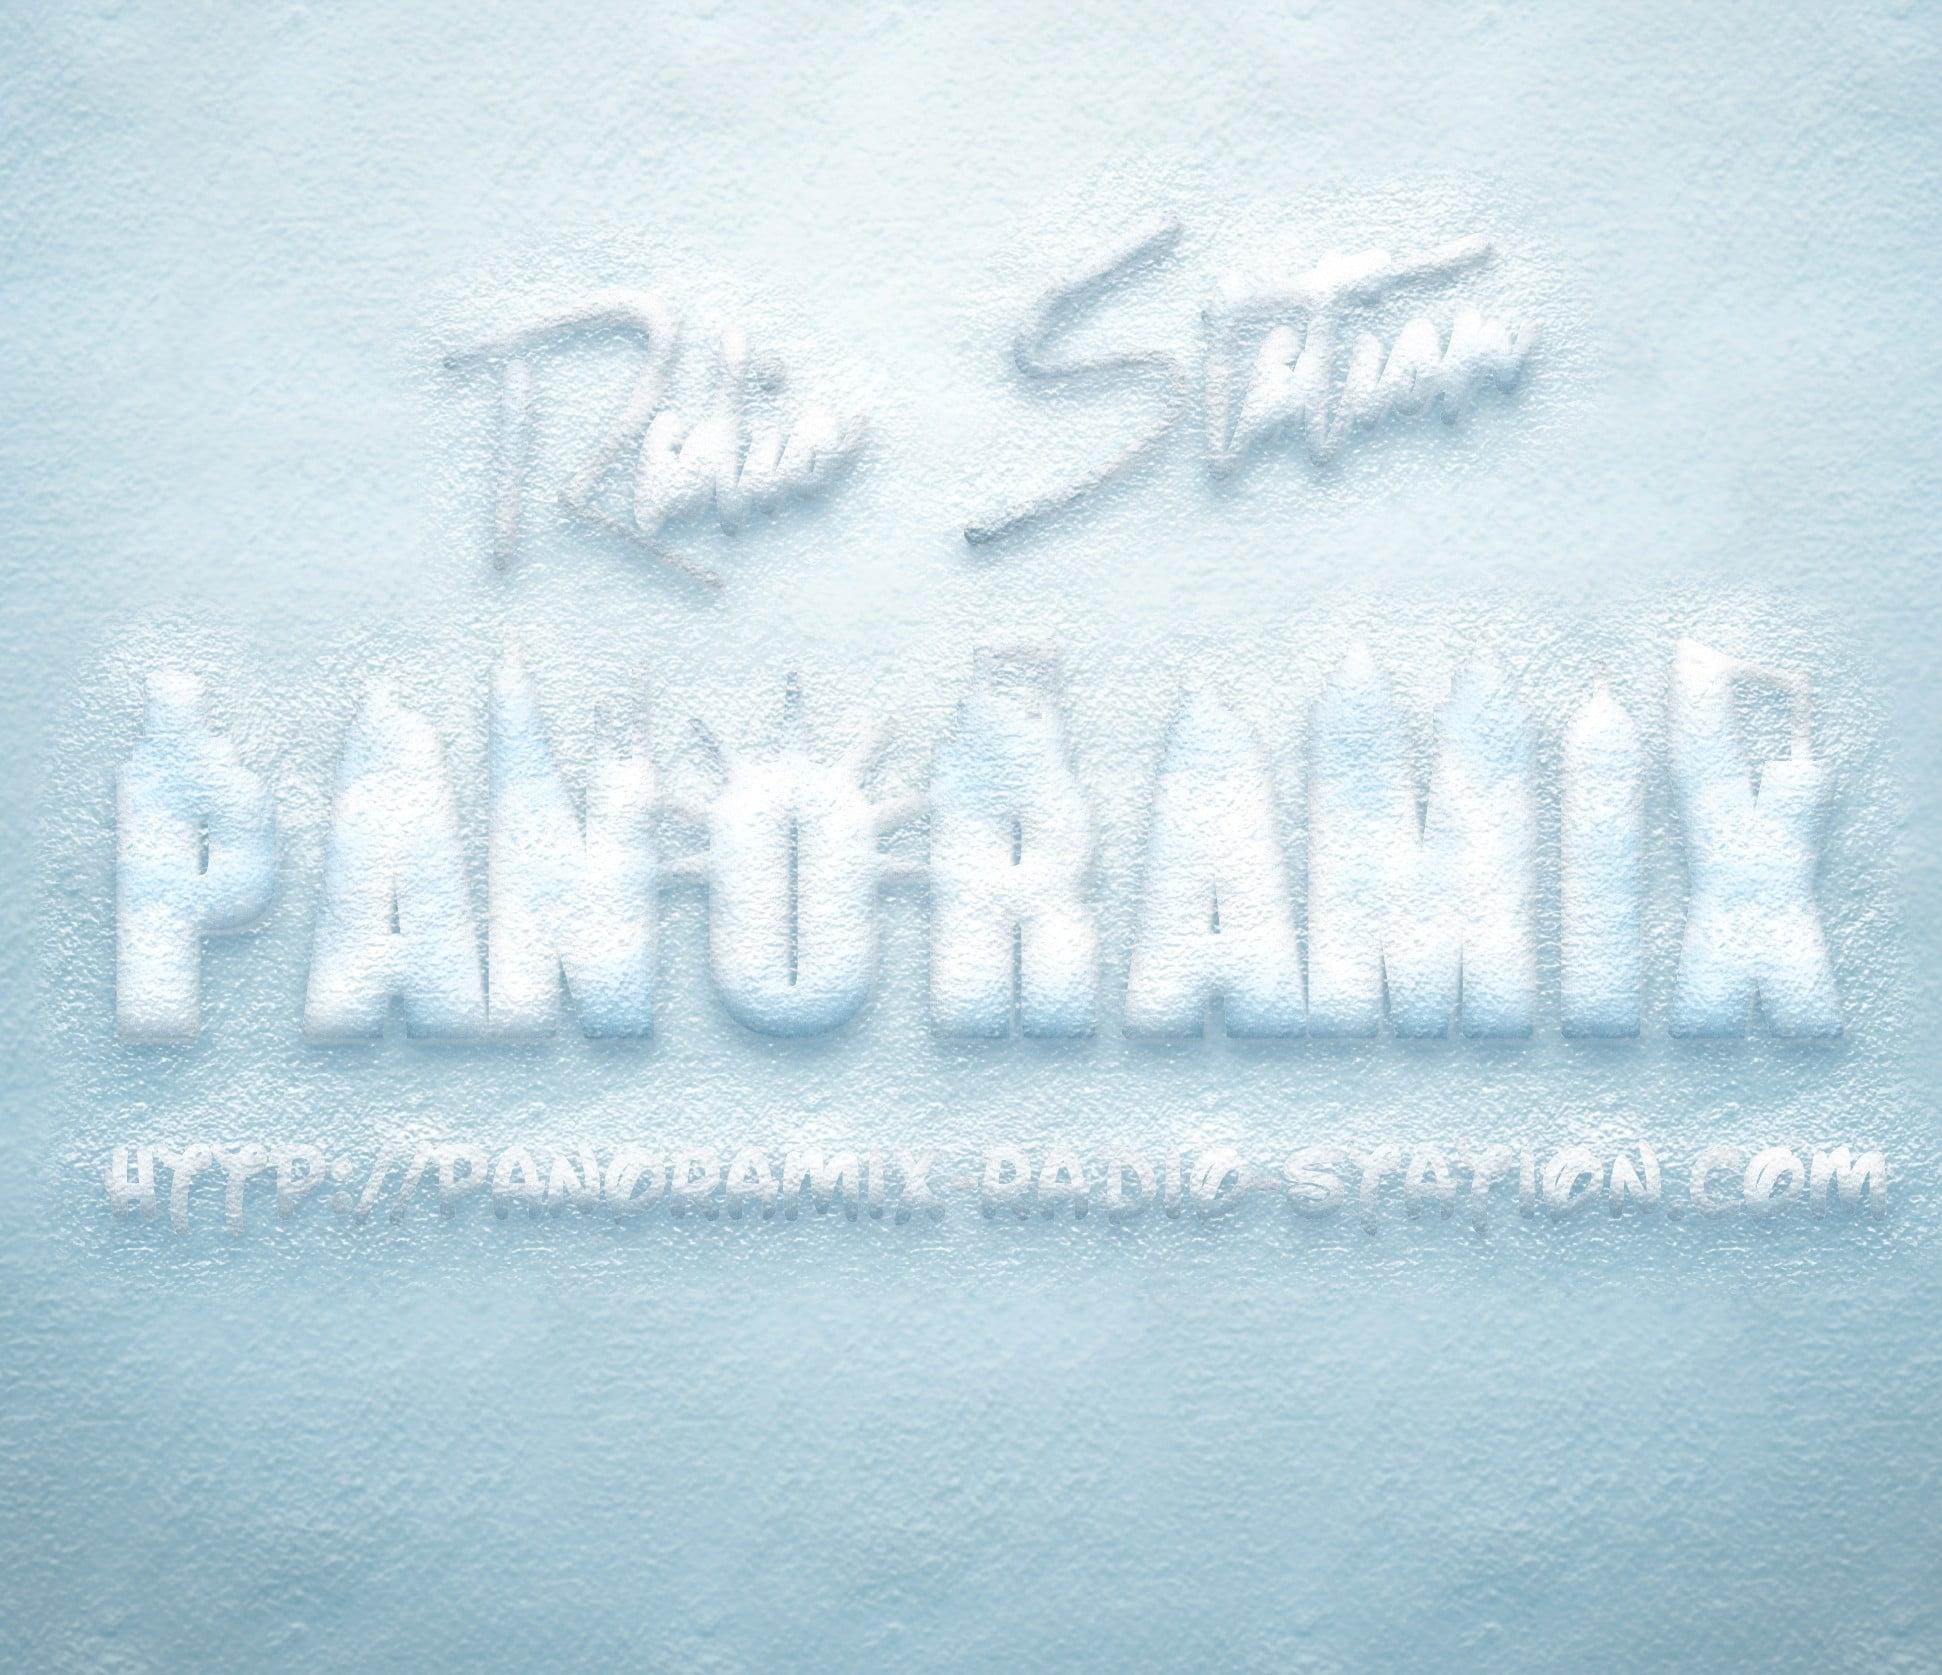 http://panoramix-radio-station.com/wp-content/uploads/2017/11/panoramix-neige-noel.jpg